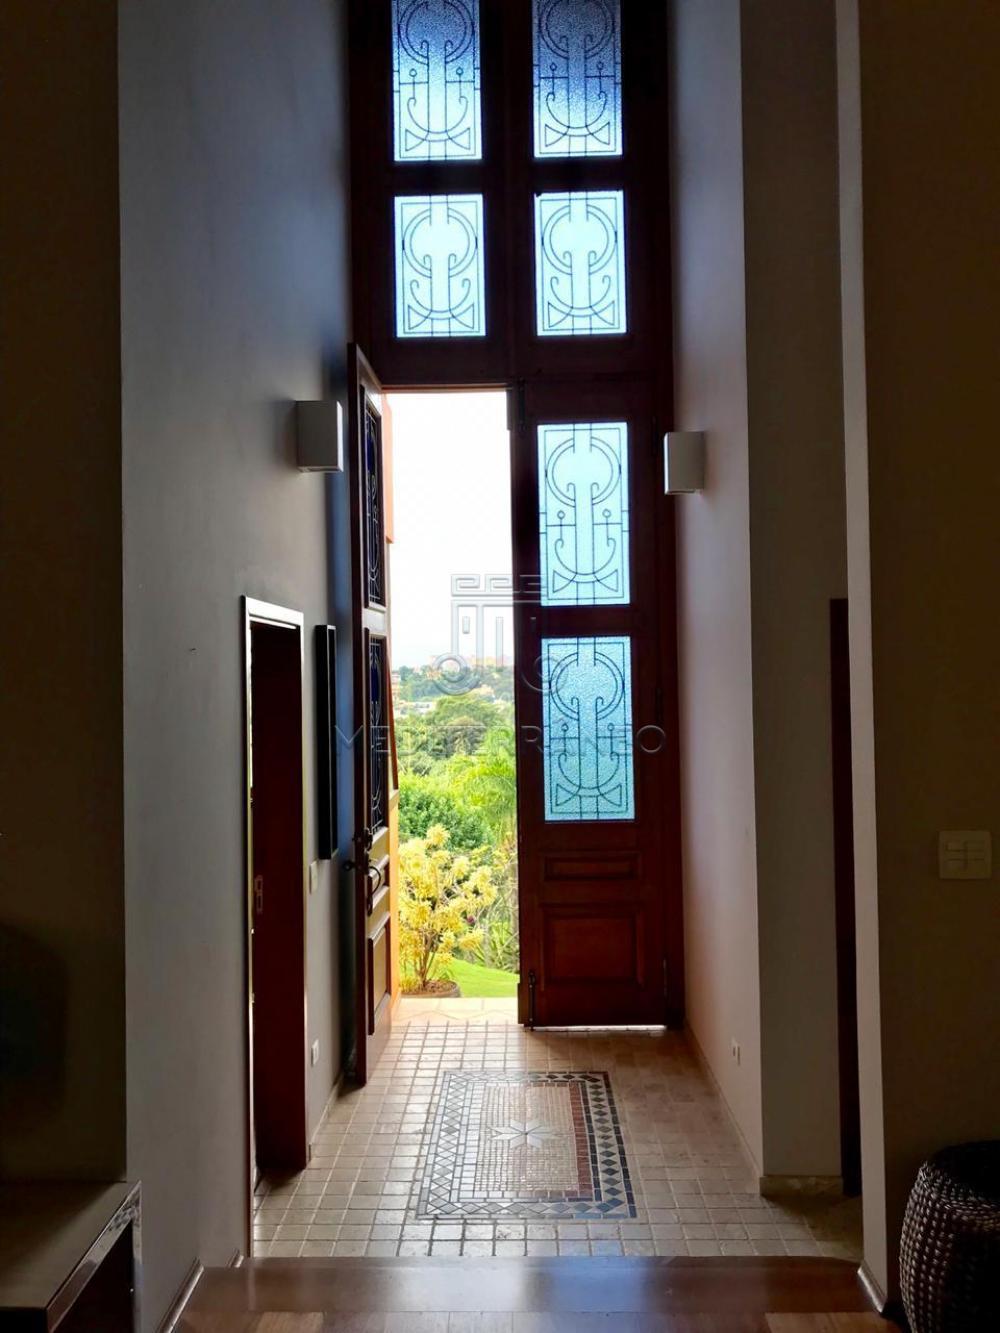 Comprar Casa / Condomínio em Jundiaí apenas R$ 5.500.000,00 - Foto 29